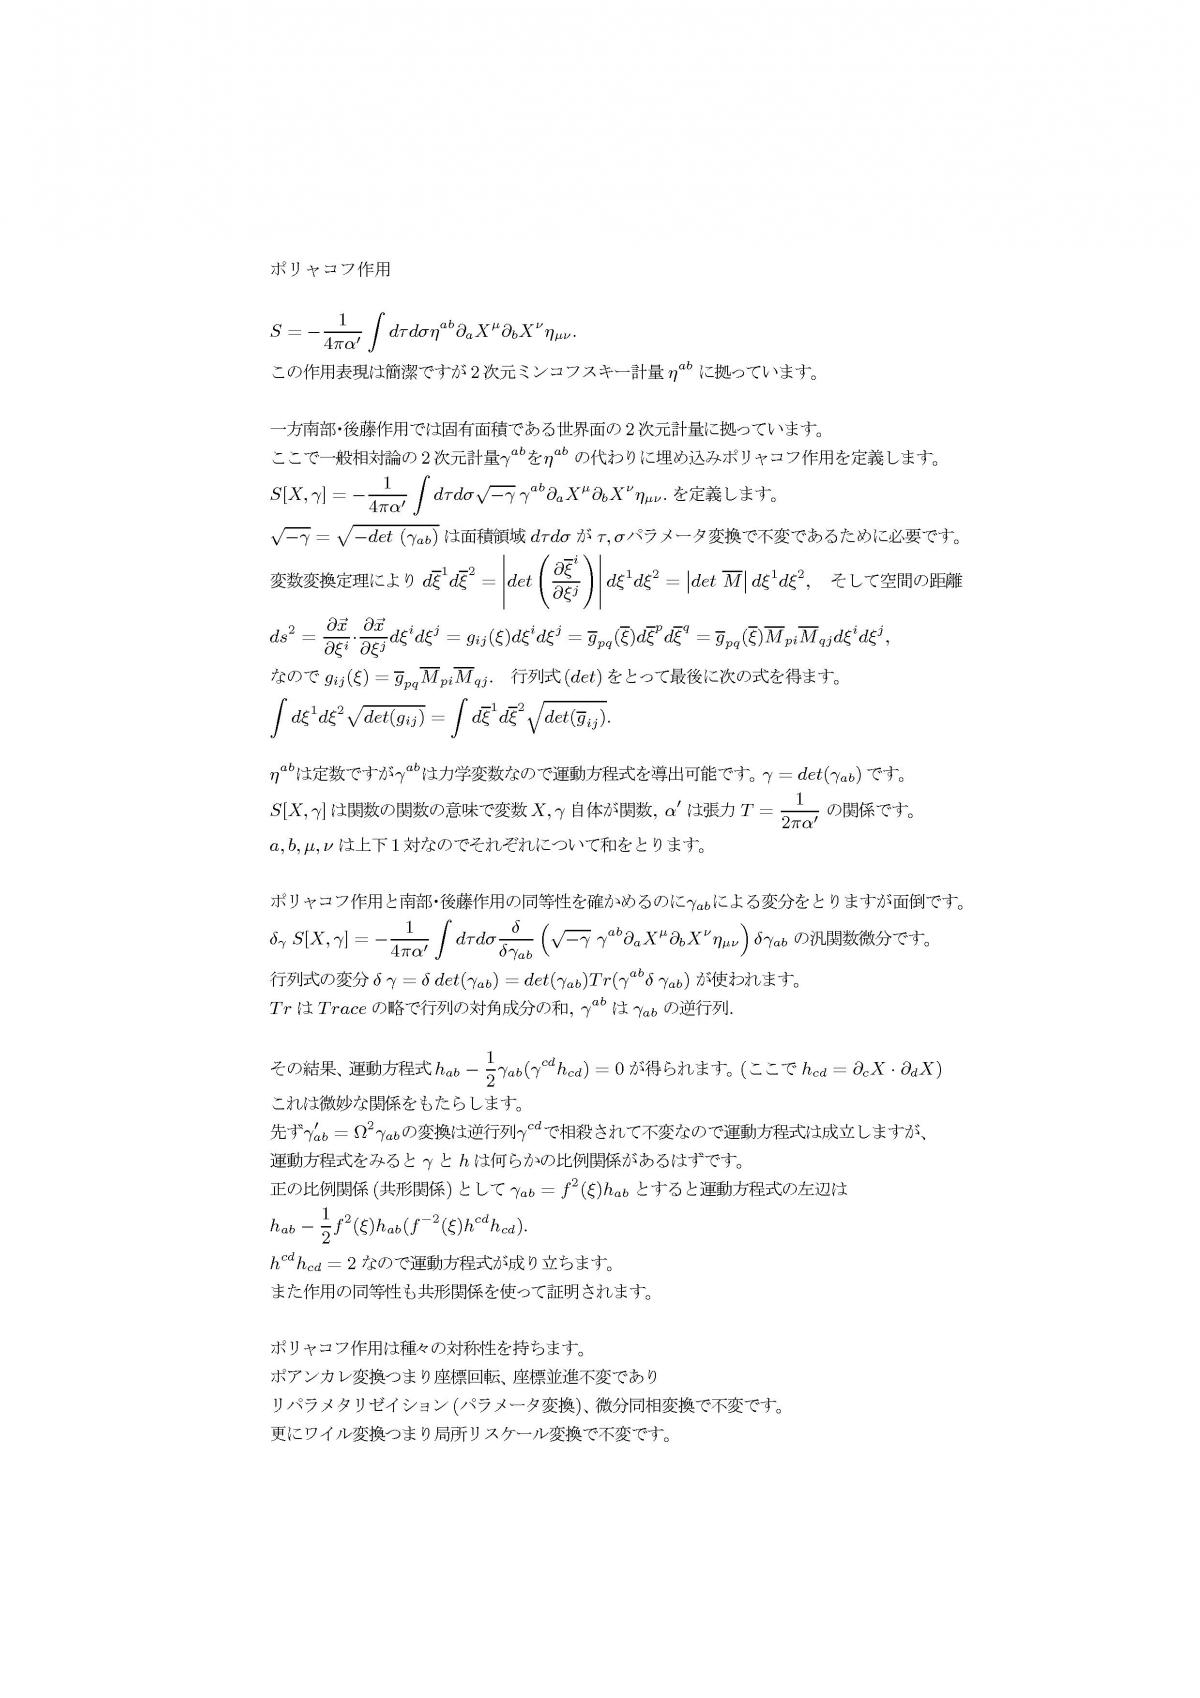 zgen02b.jpg